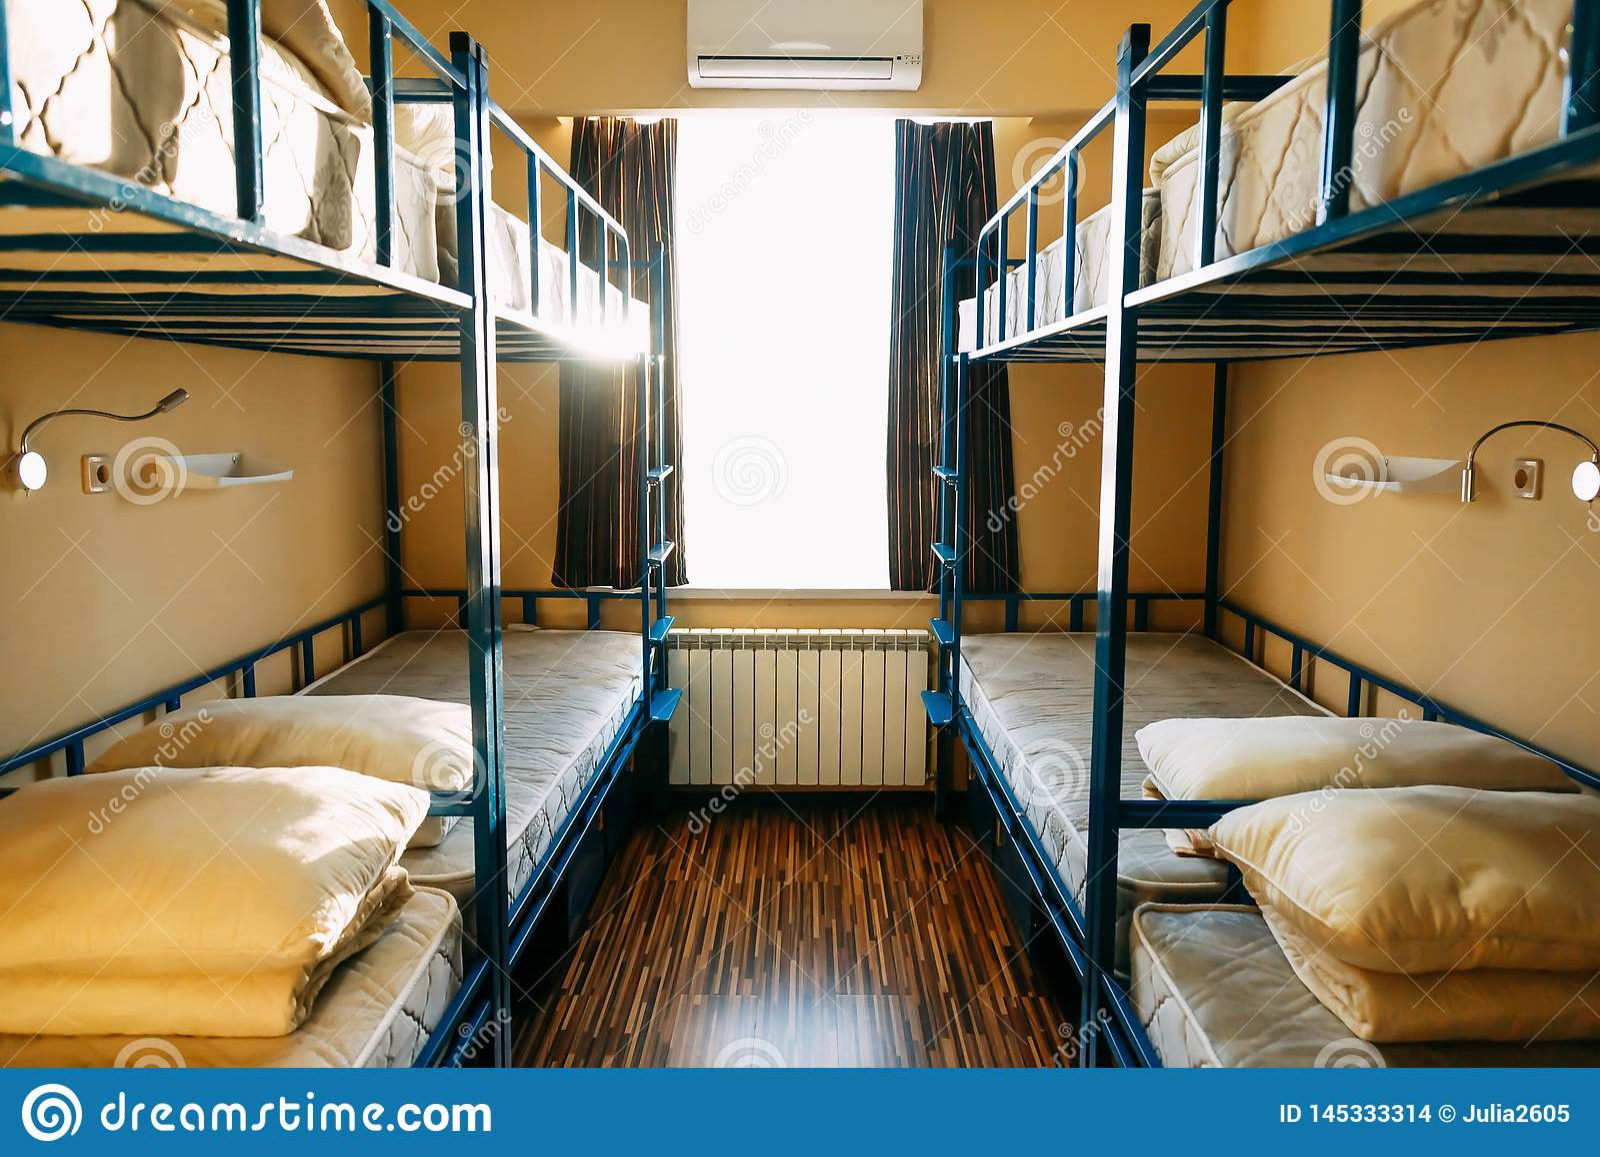 Les randonneurs restent dans l h?tel avec les lits modernes d autobus ? imp?riale ? l int?rieur de la salle de dortoir pour douze